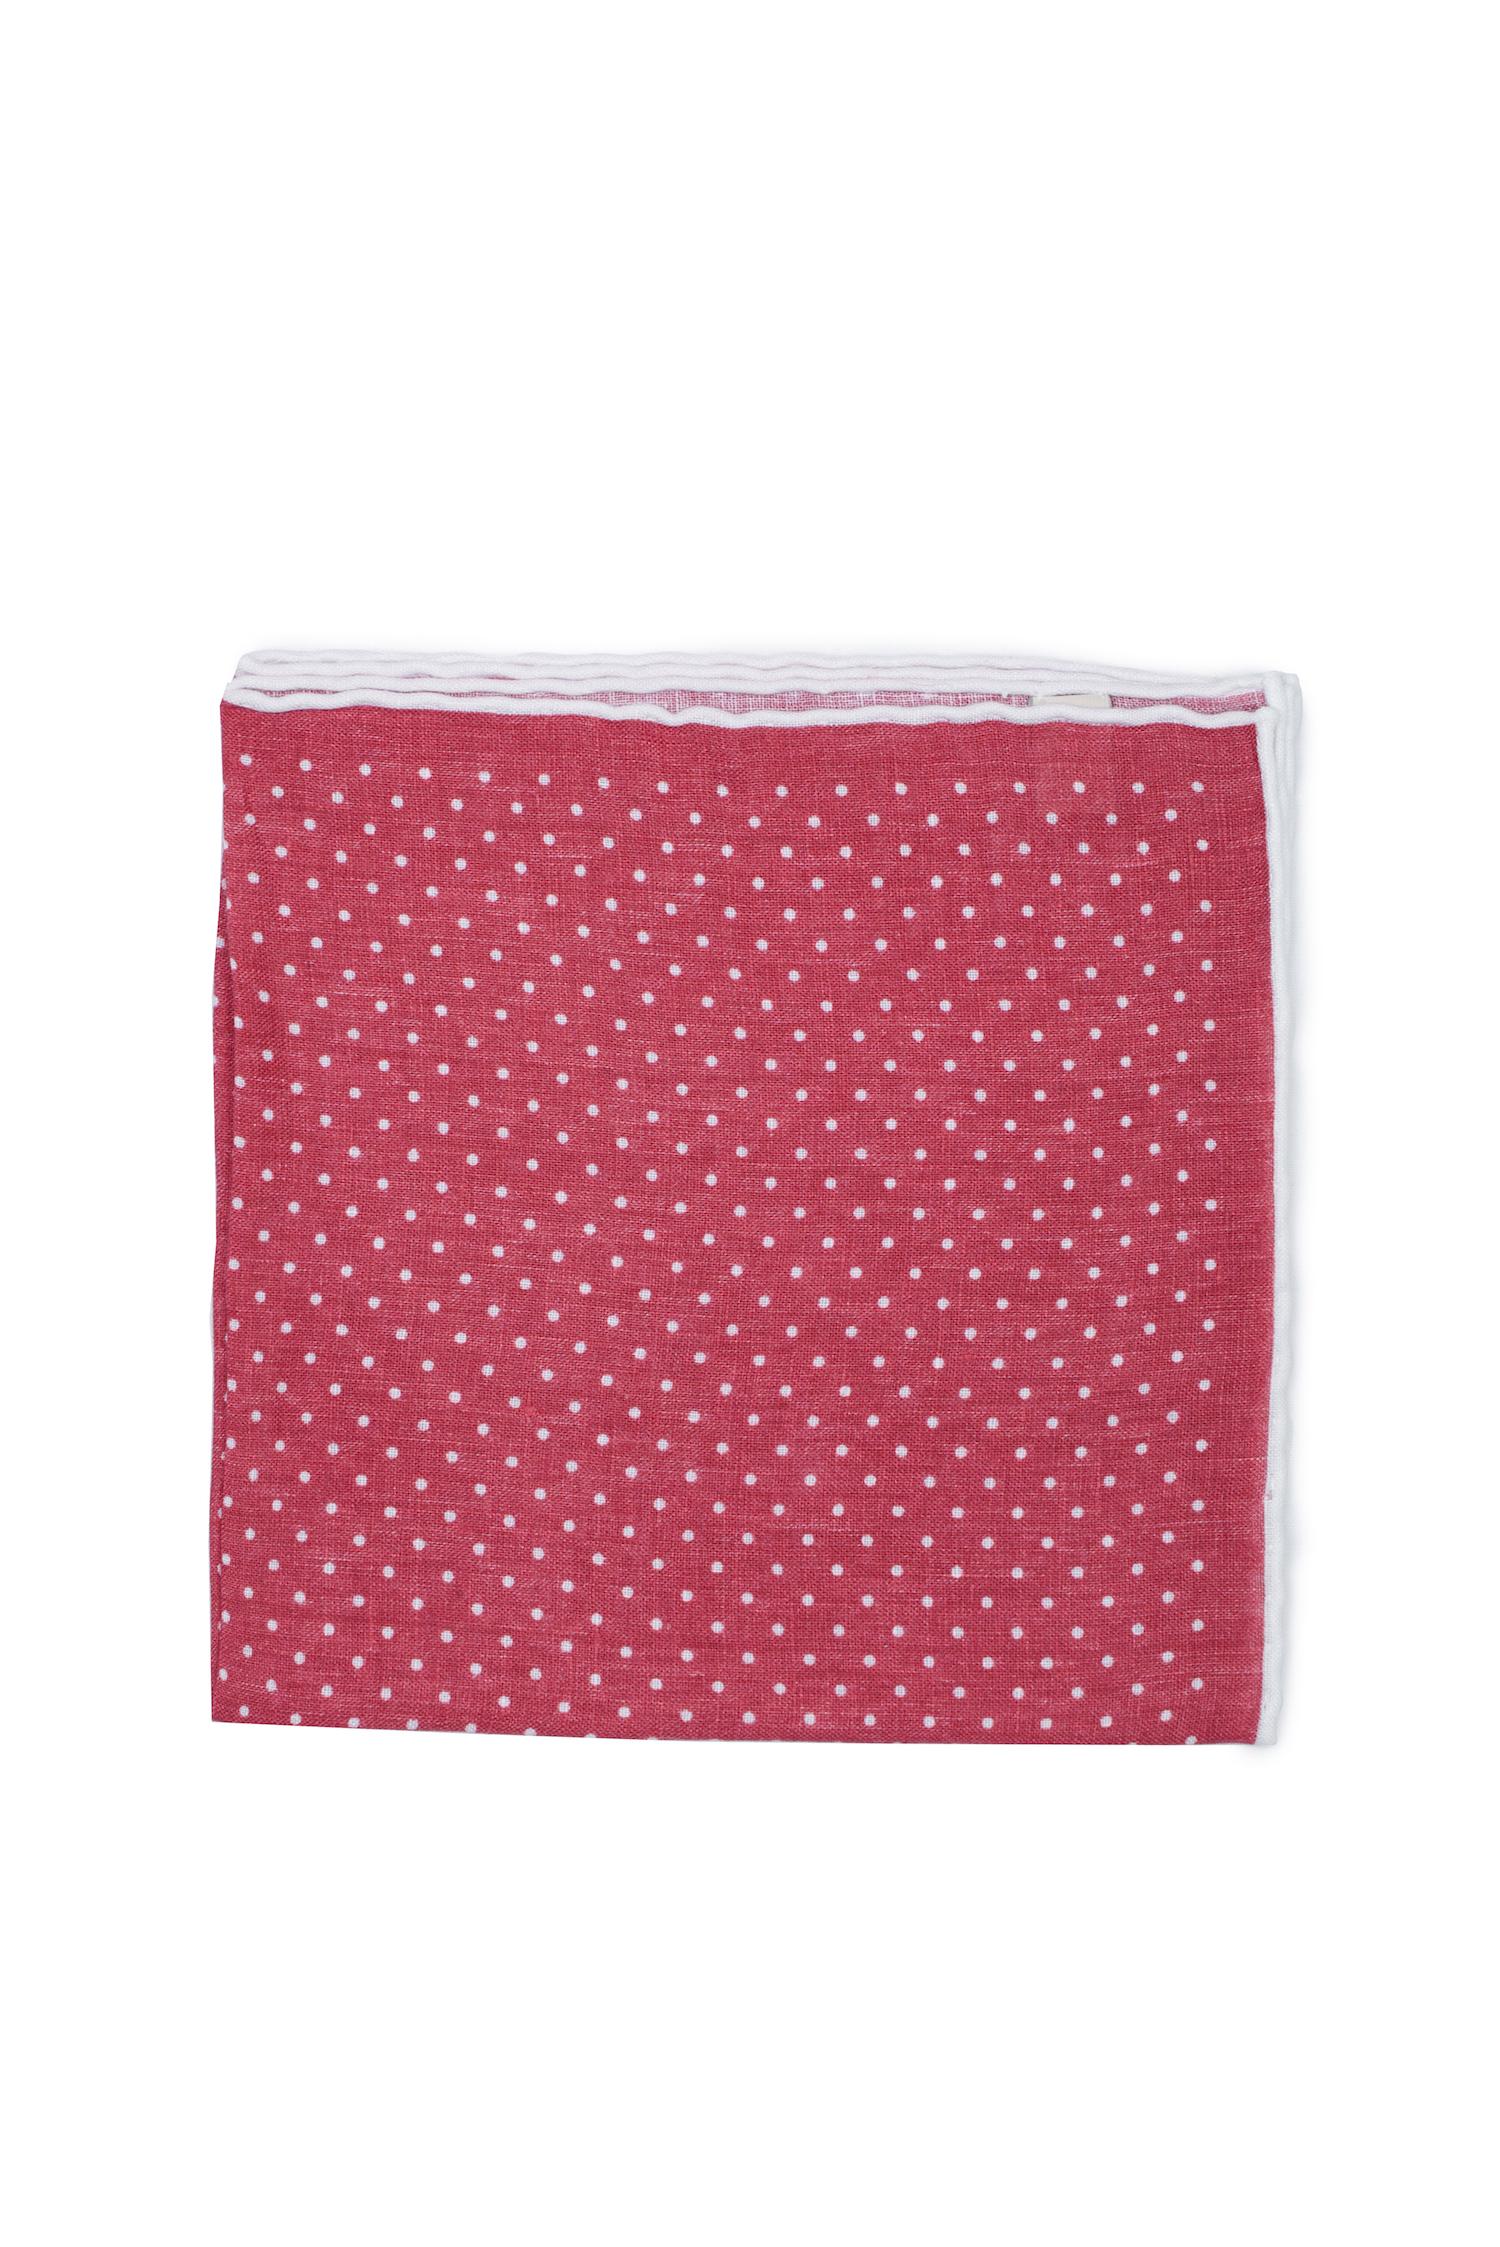 Pochette à pois en lin – rouge   Cadot c05ca5a5b0a